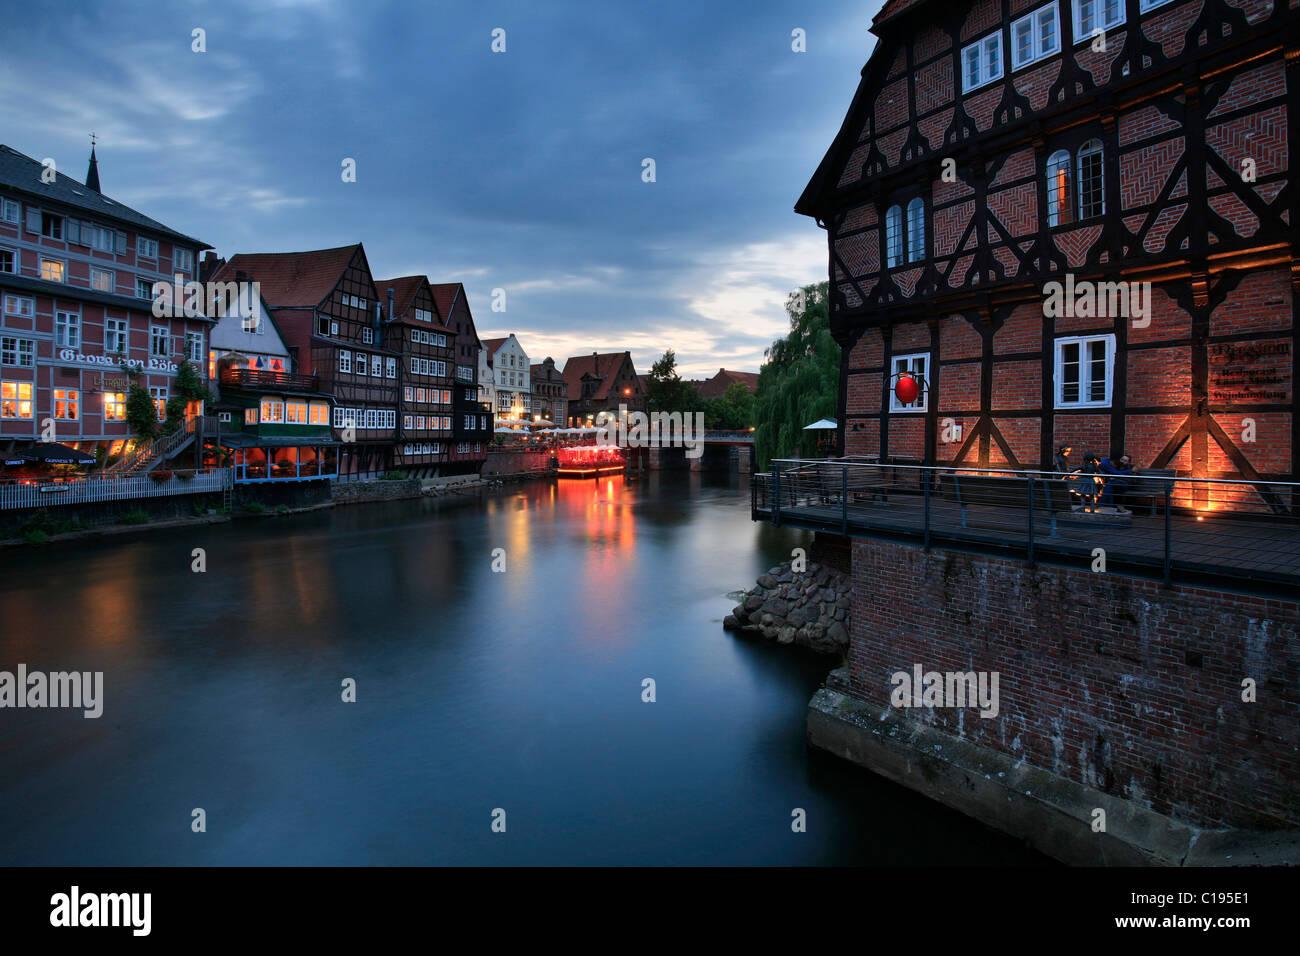 The Stintmarkt or Smelt Market on the Lueneburg harbor, Lower Saxony, Germany, Europe - Stock Image